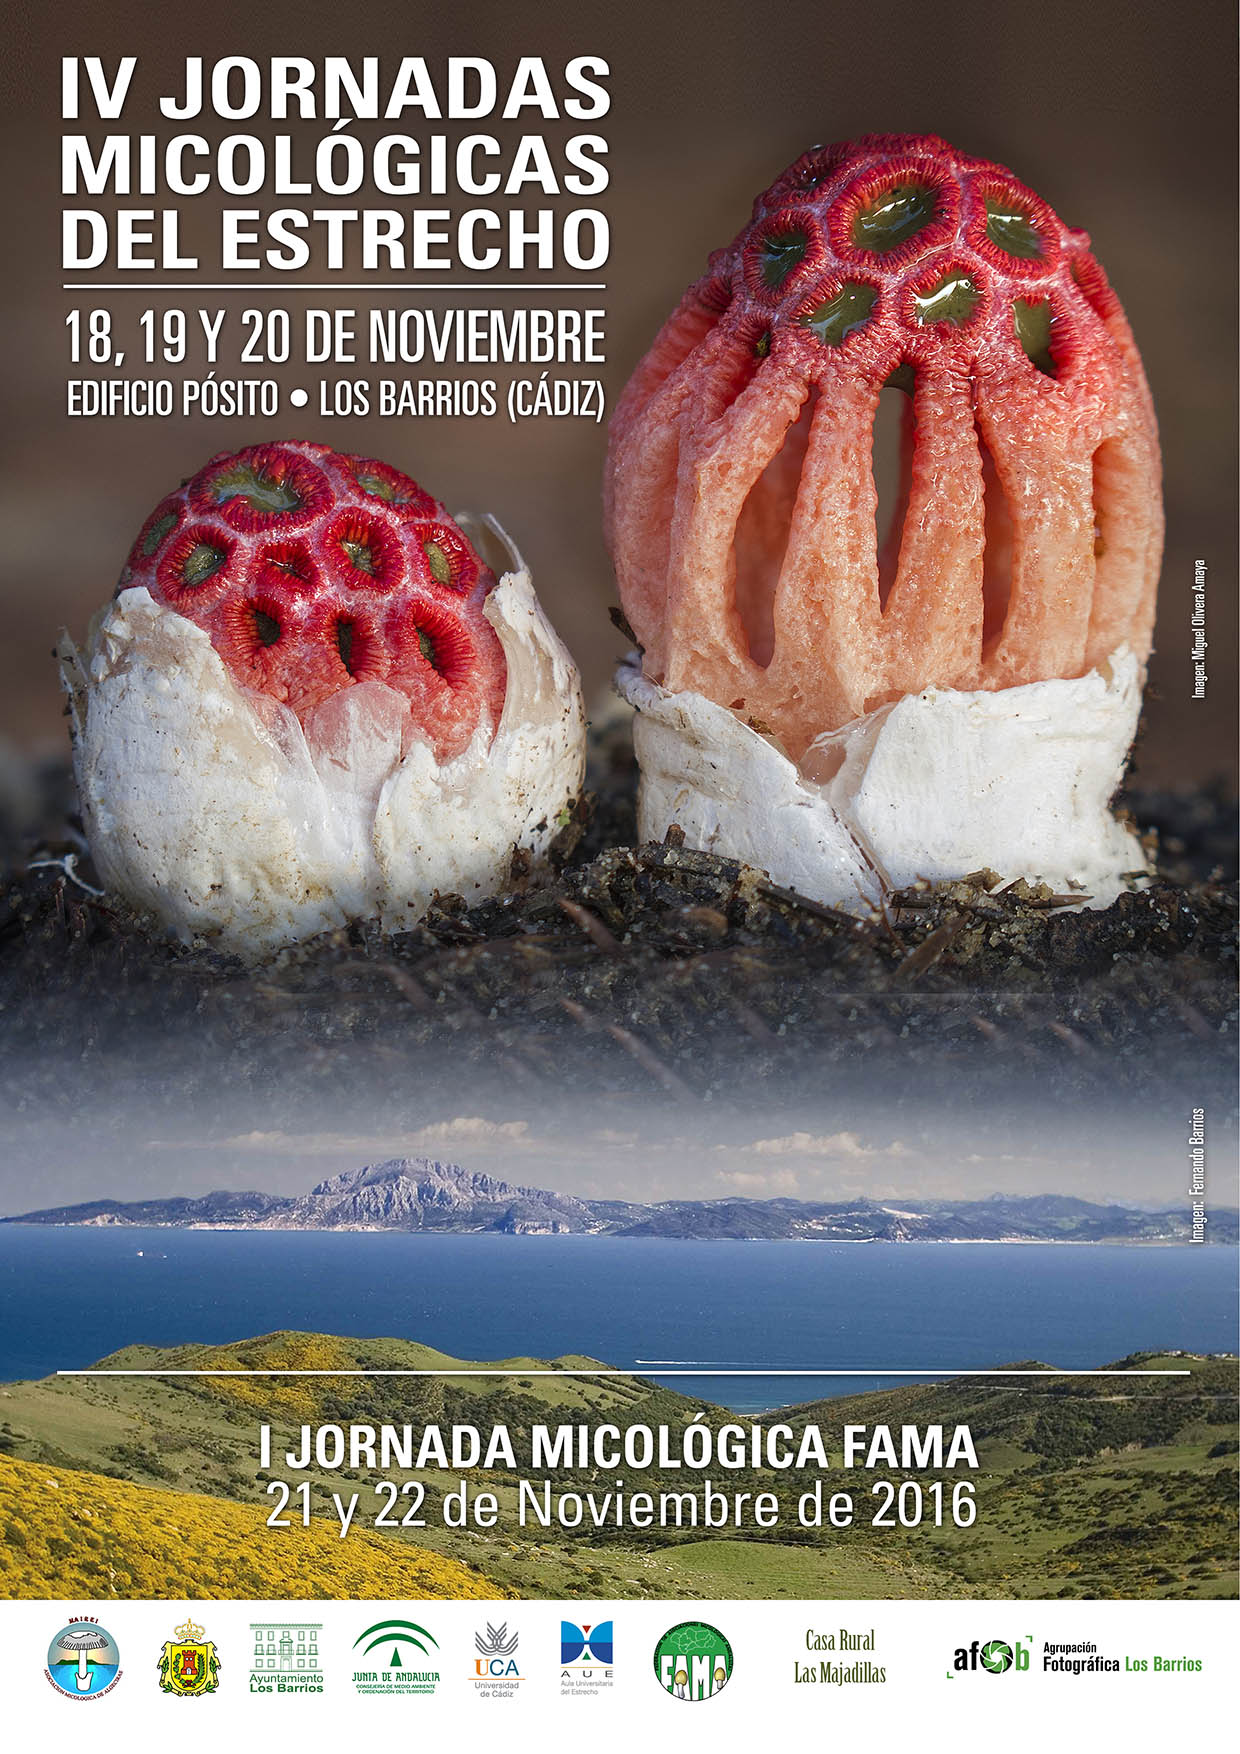 """""""IV Jornadas Micológicas del Estrecho"""" los días 18, 19 y 20 de Noviembre"""